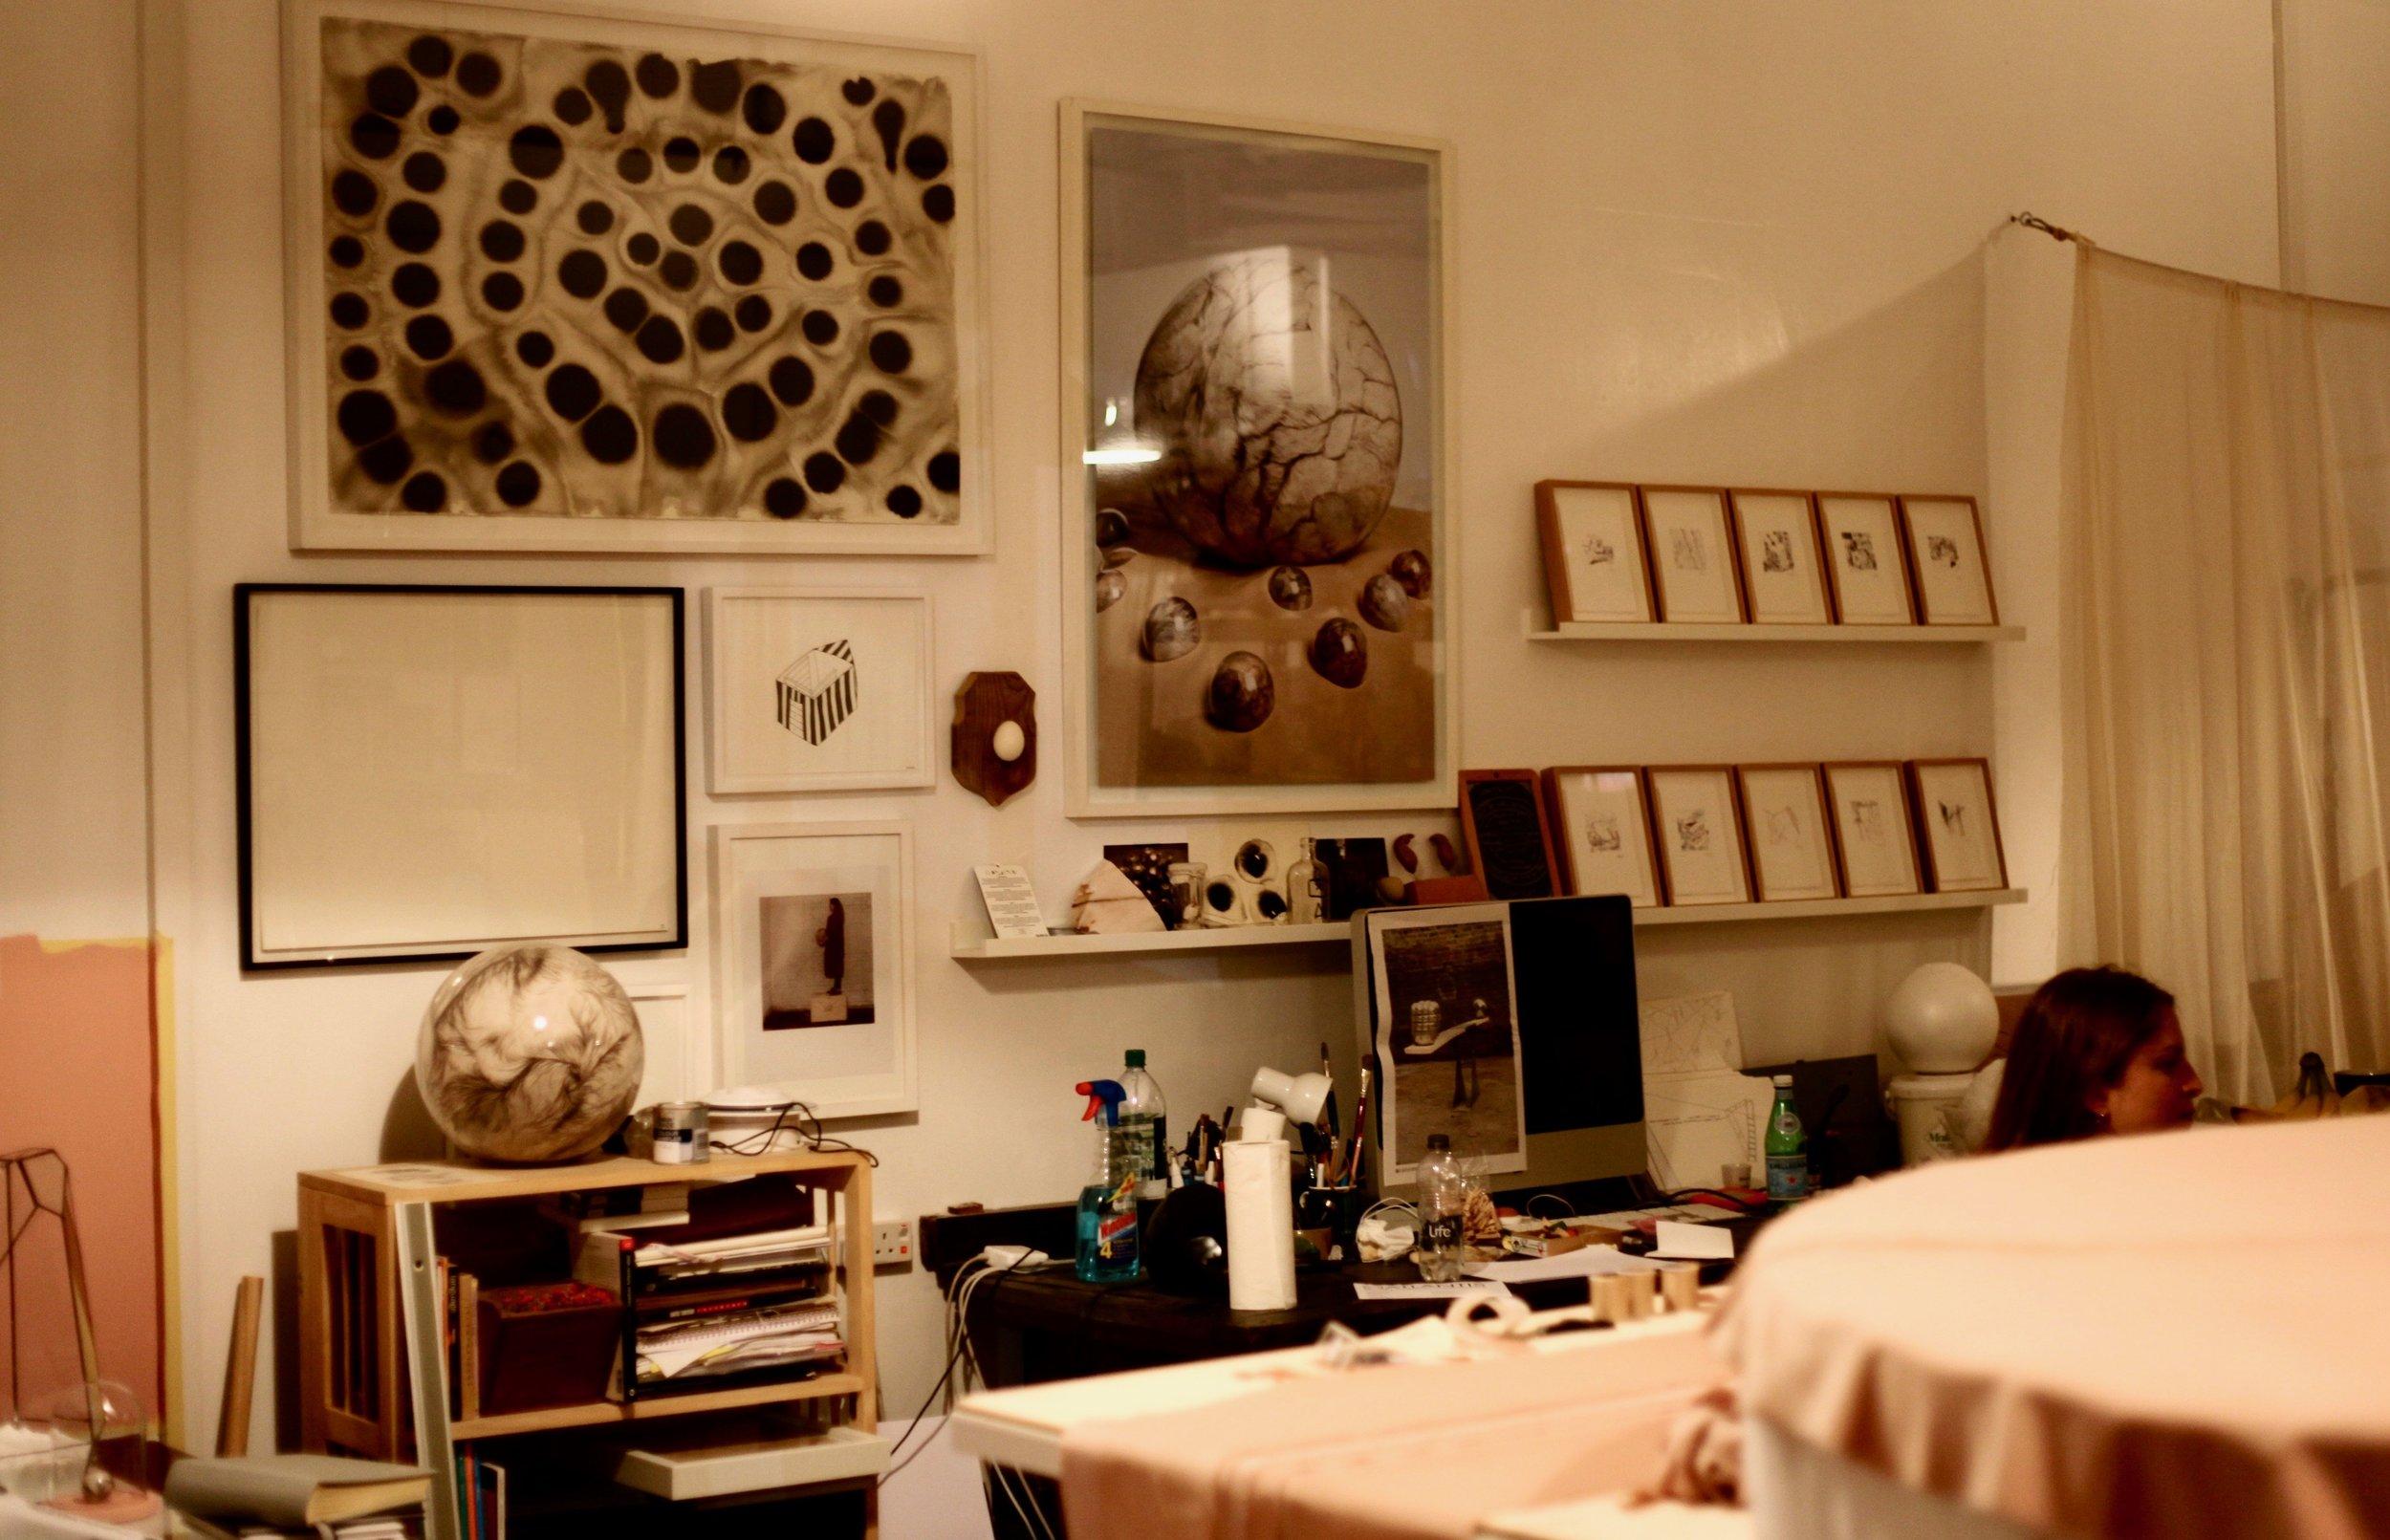 Adeline's study space.